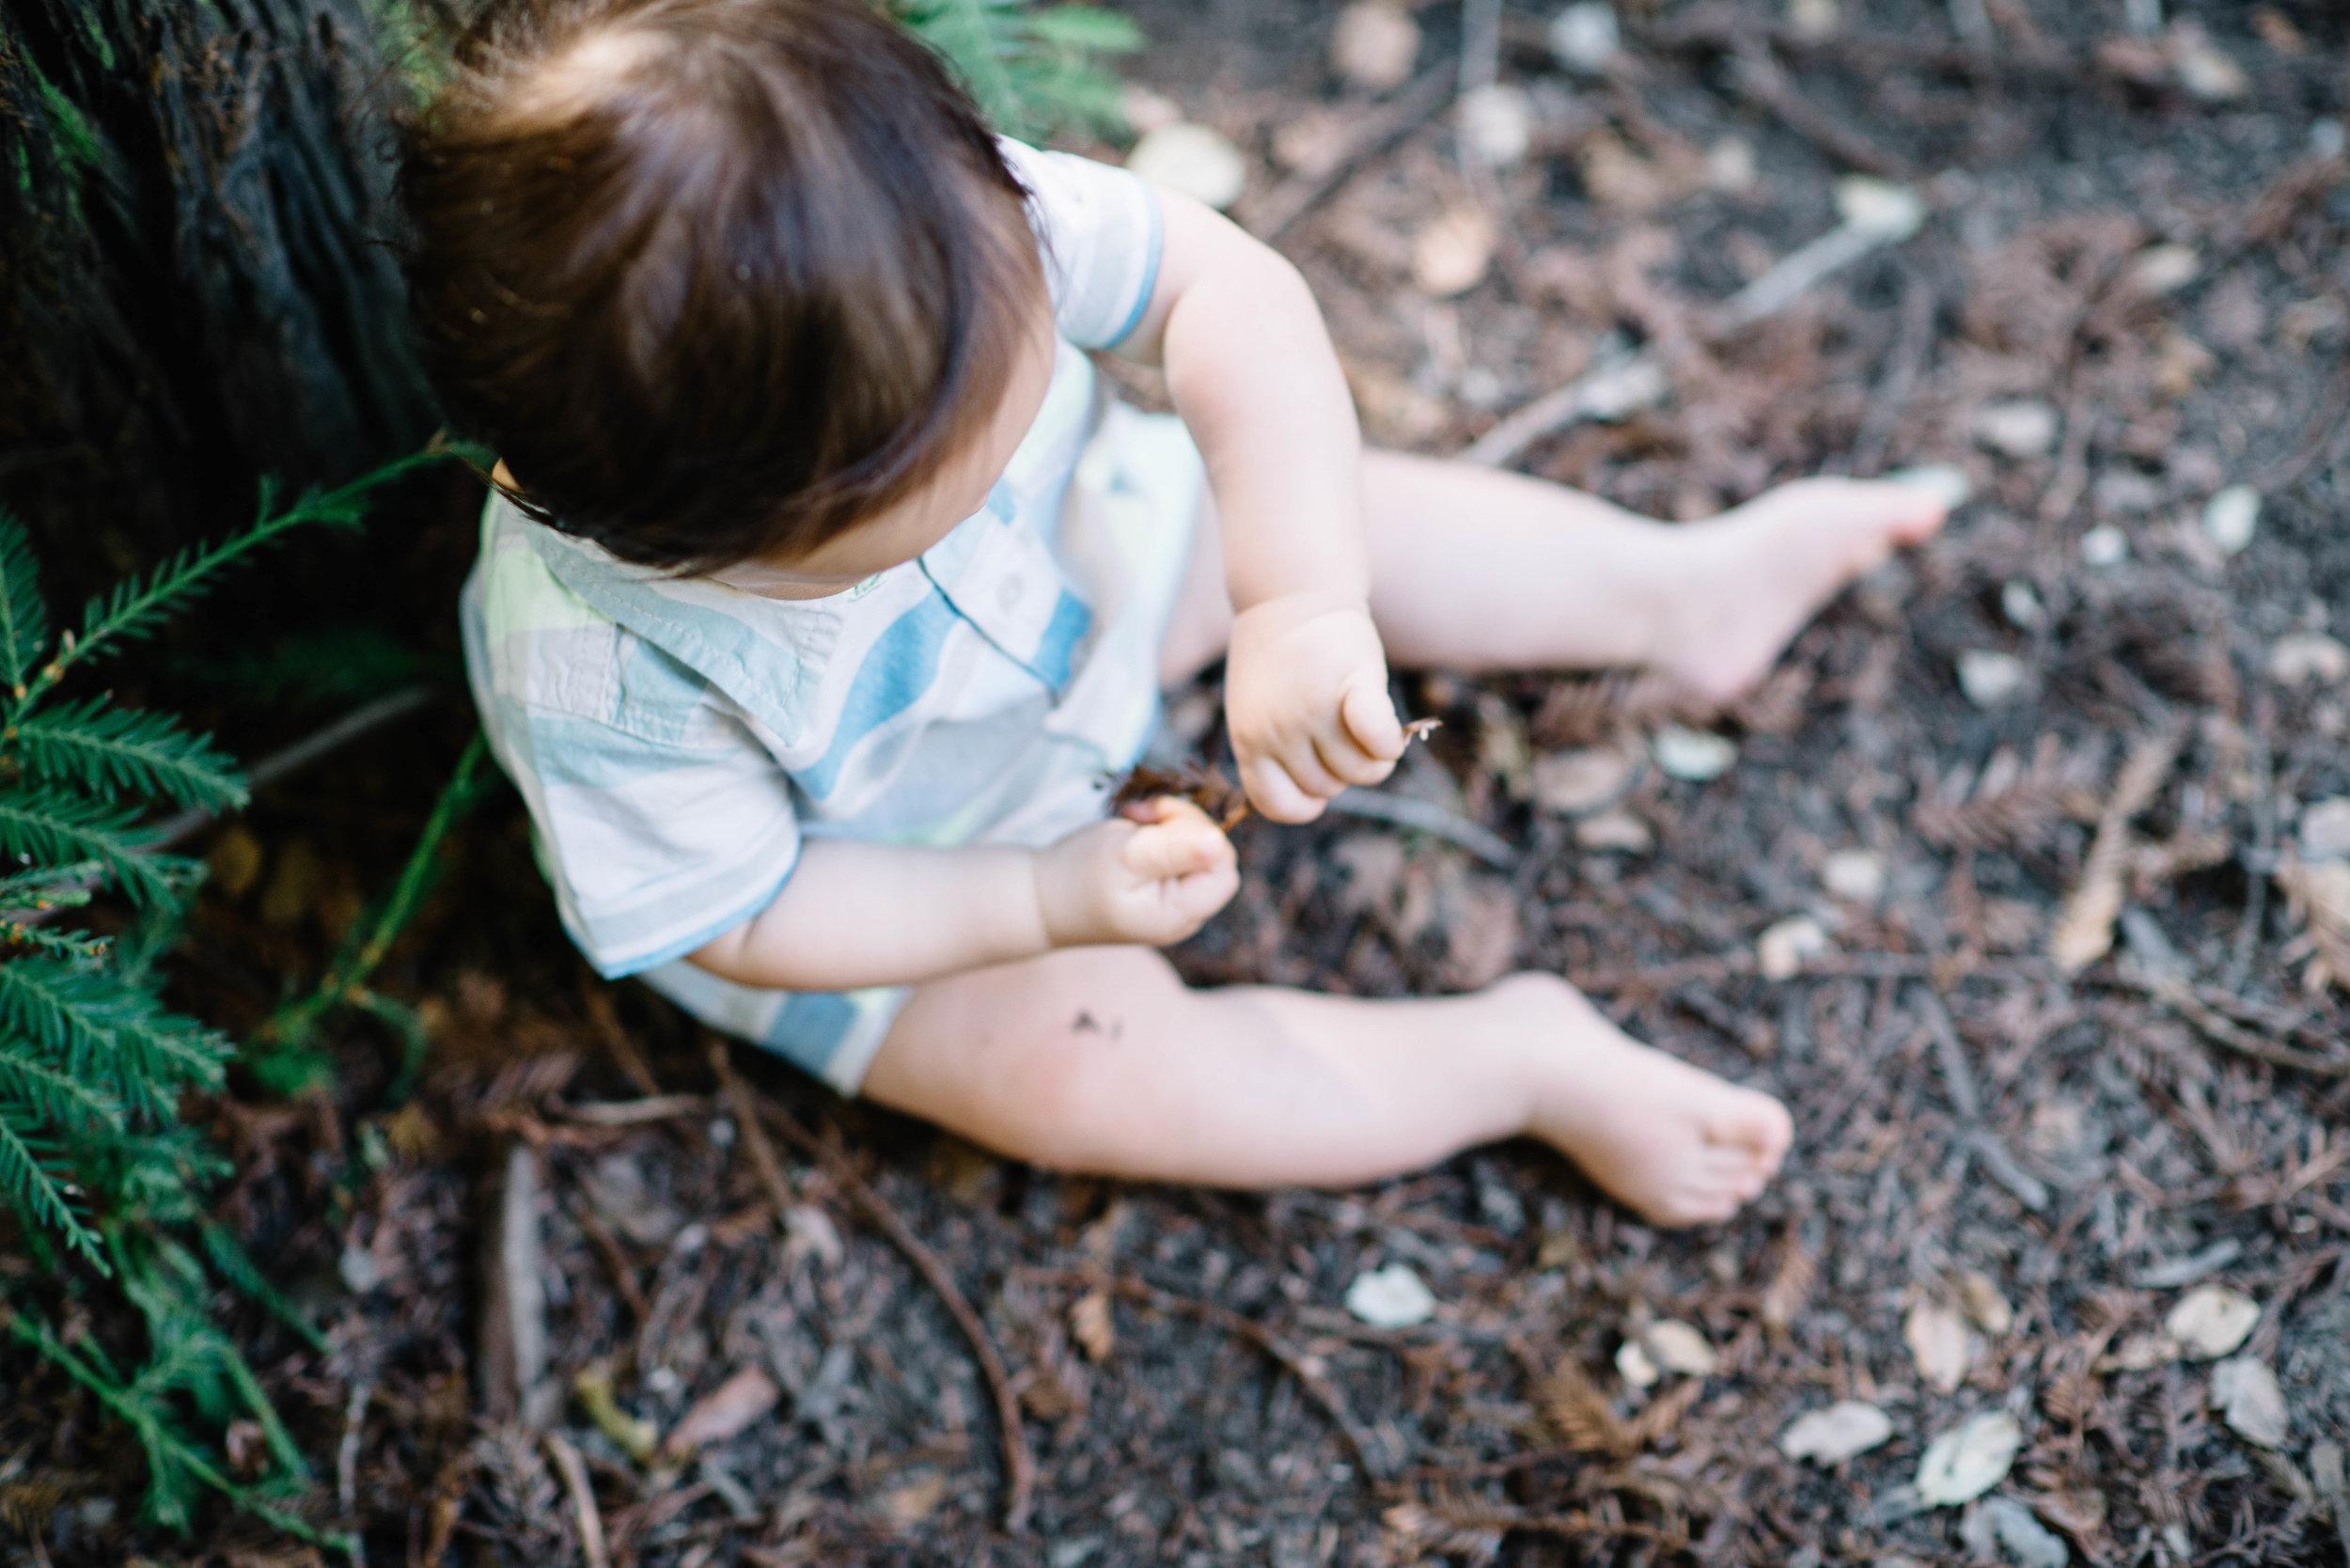 jennifer-jayn-photography-joaquin-miller-park-family-portrait-session-10.jpg